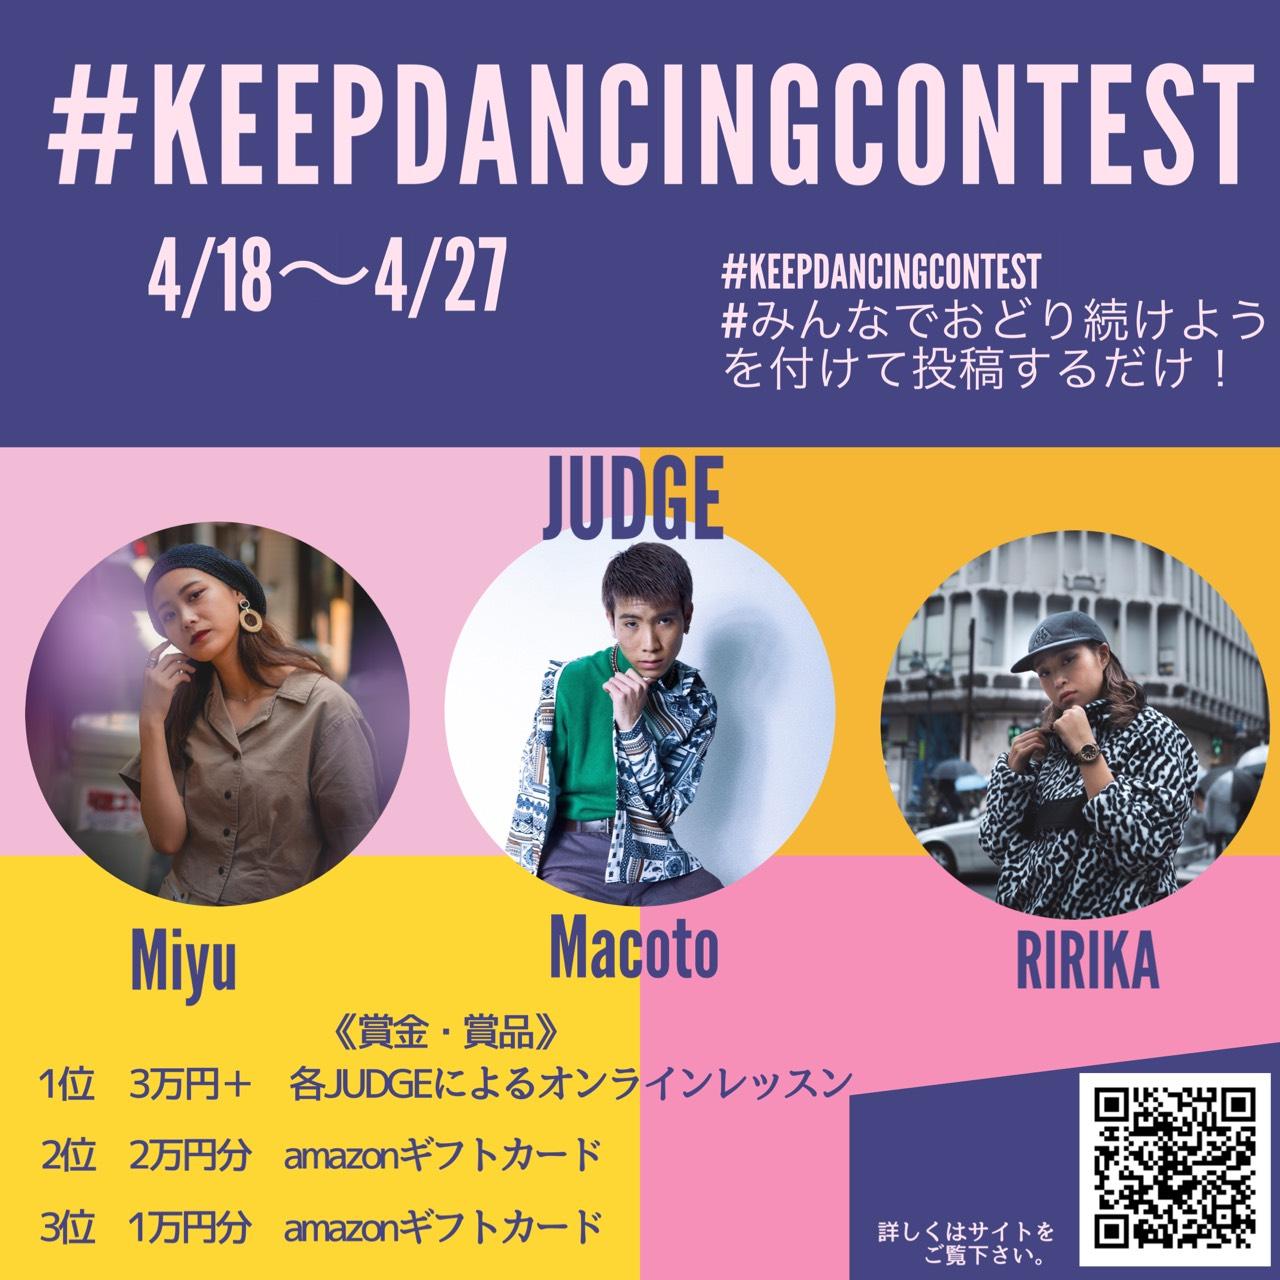 """""""STAY HOME""""なオンラインダンスコンテスト開催! #KEEPDANCINGCONTEST #みんなでおどり続けよう"""